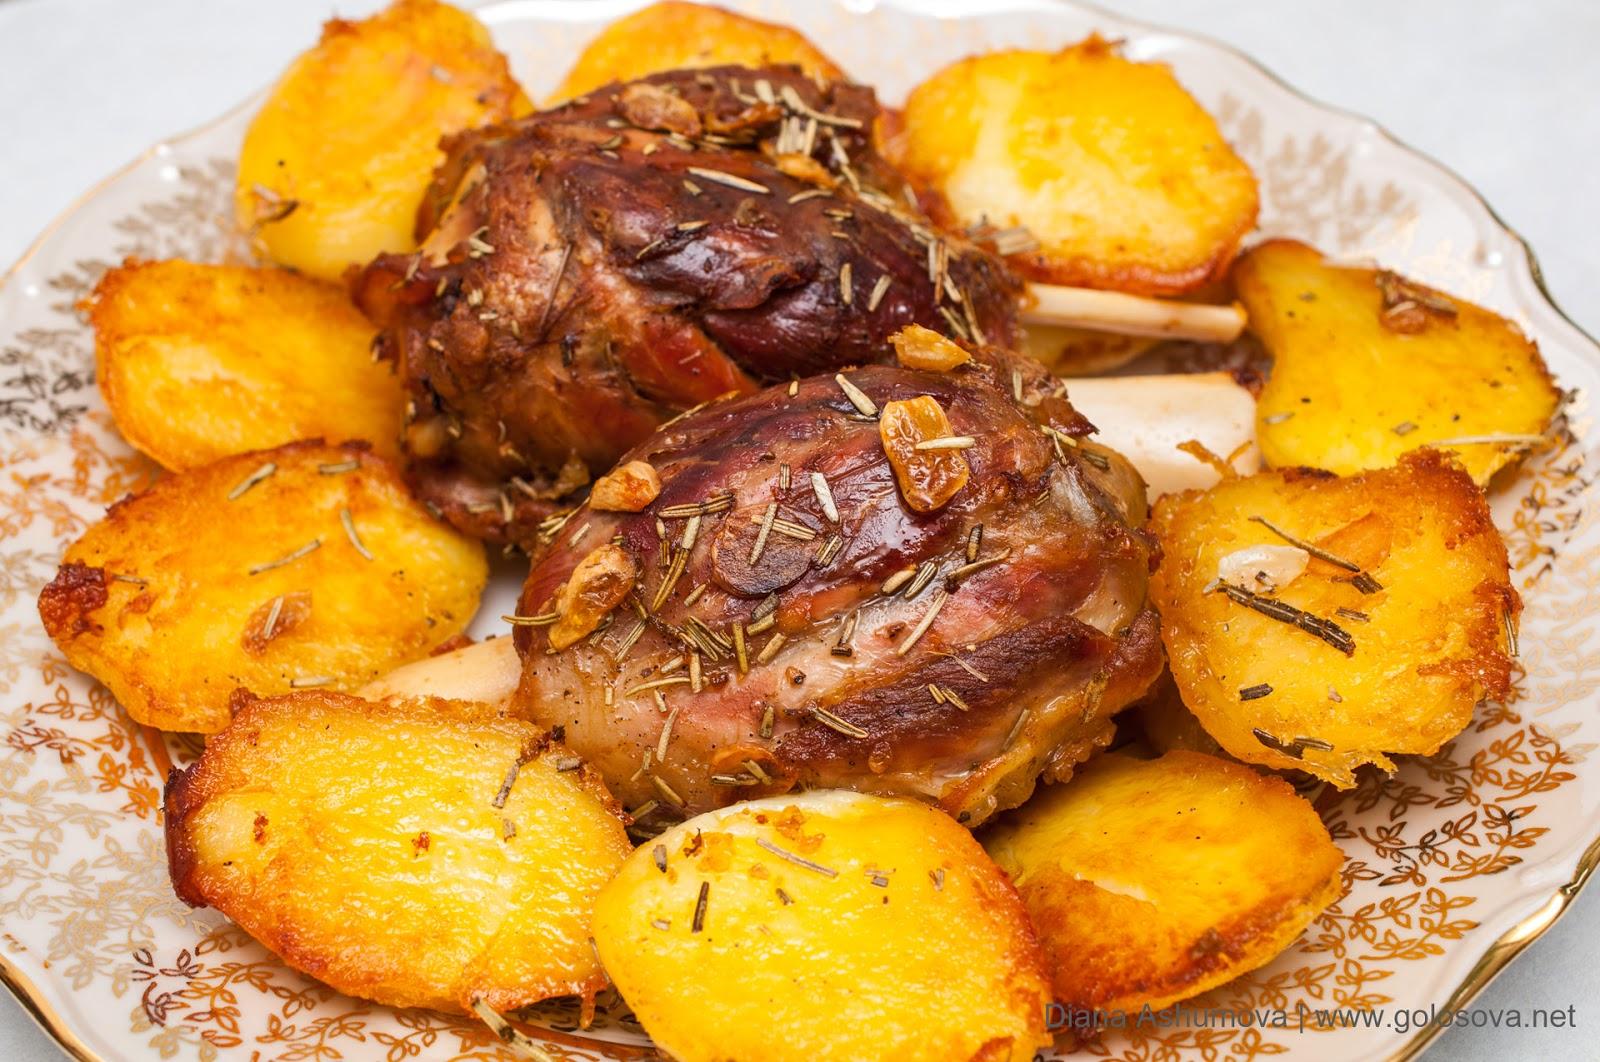 Как запечь свиную рульку в духовке в фольге пошаговый рецепт